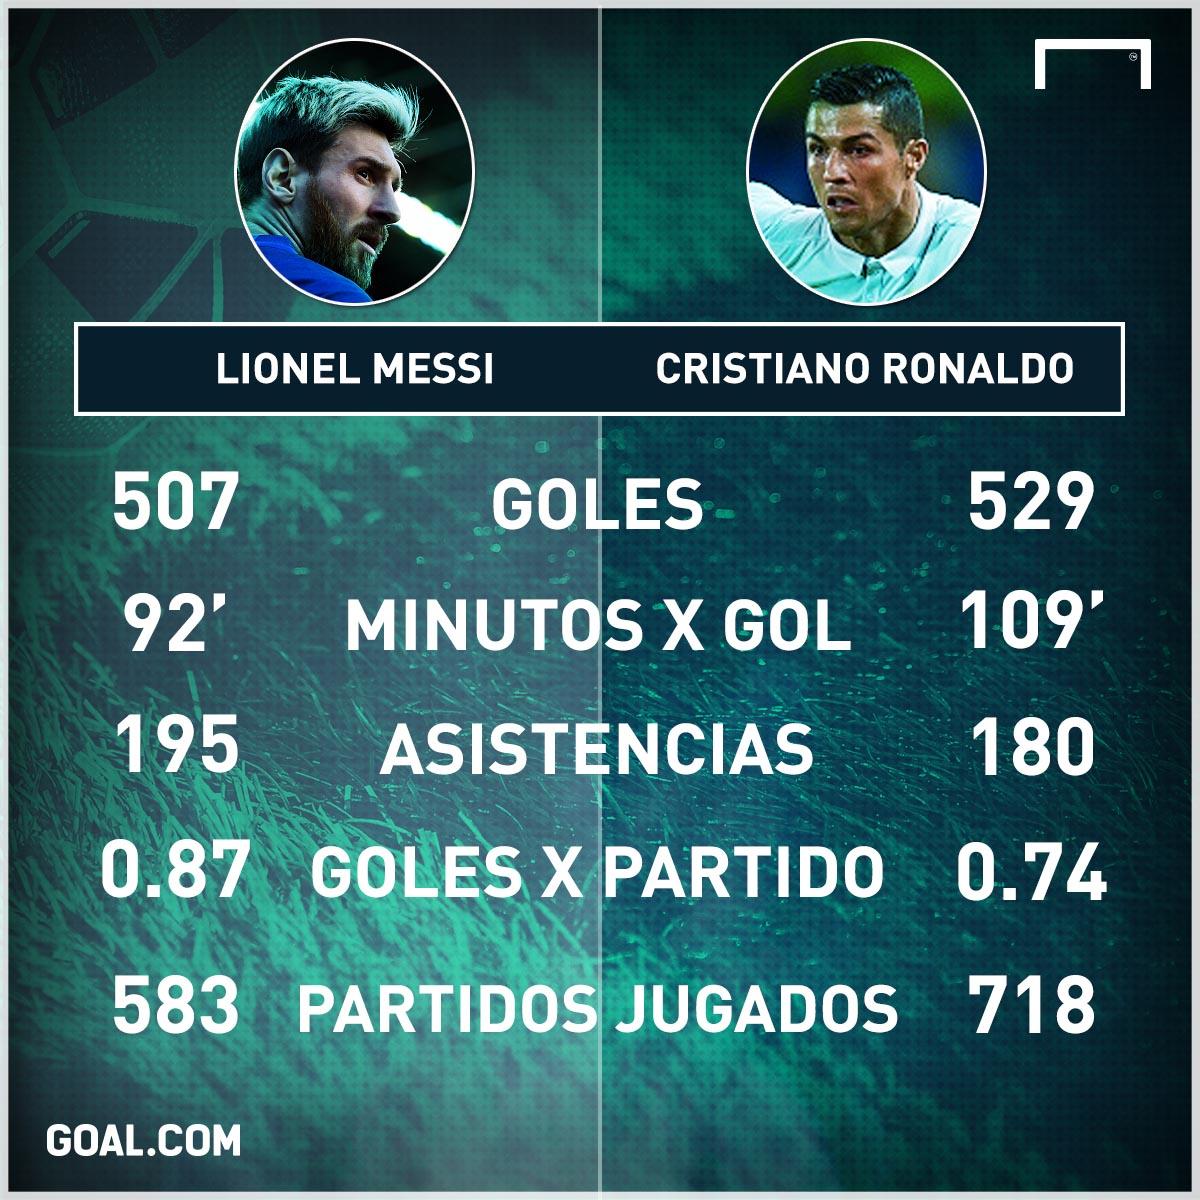 Todo vuelve: Cristiano Ronaldo imitó el festejo de Lionel Messi